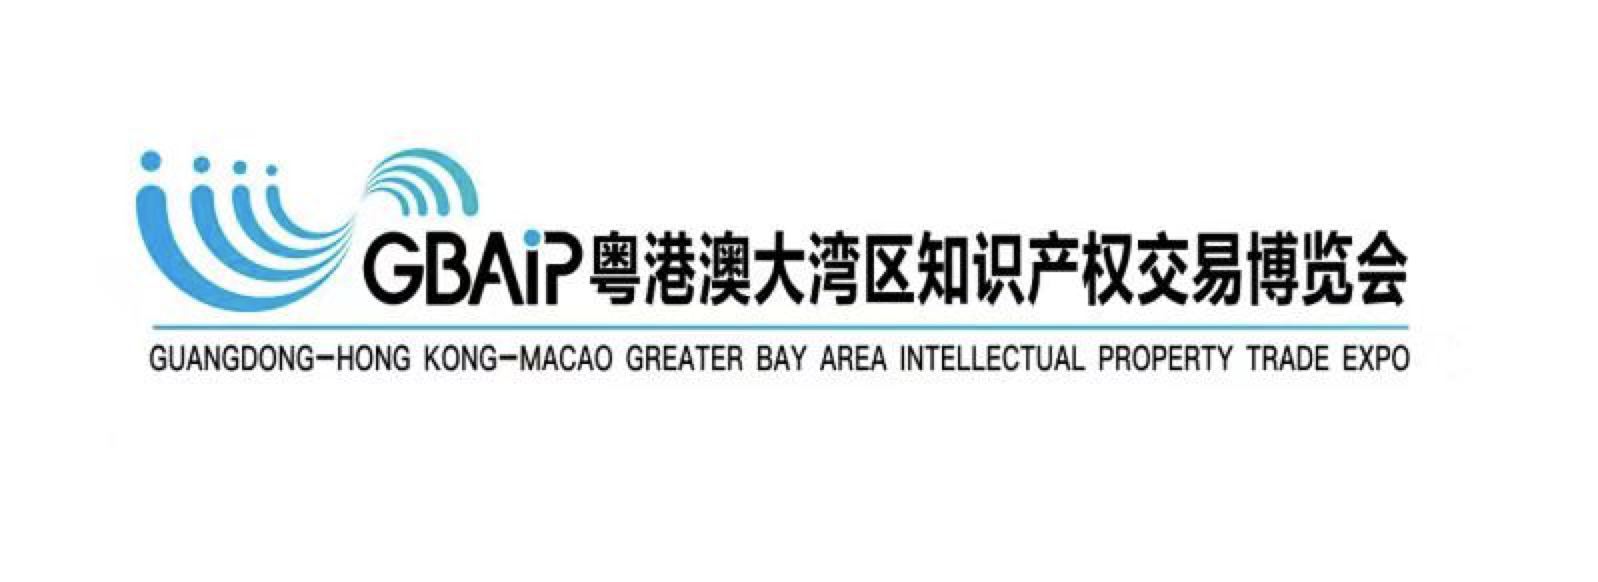 国知局:涉及人工智能、区块链等新领域新业态专利审查规则(征求意见稿)